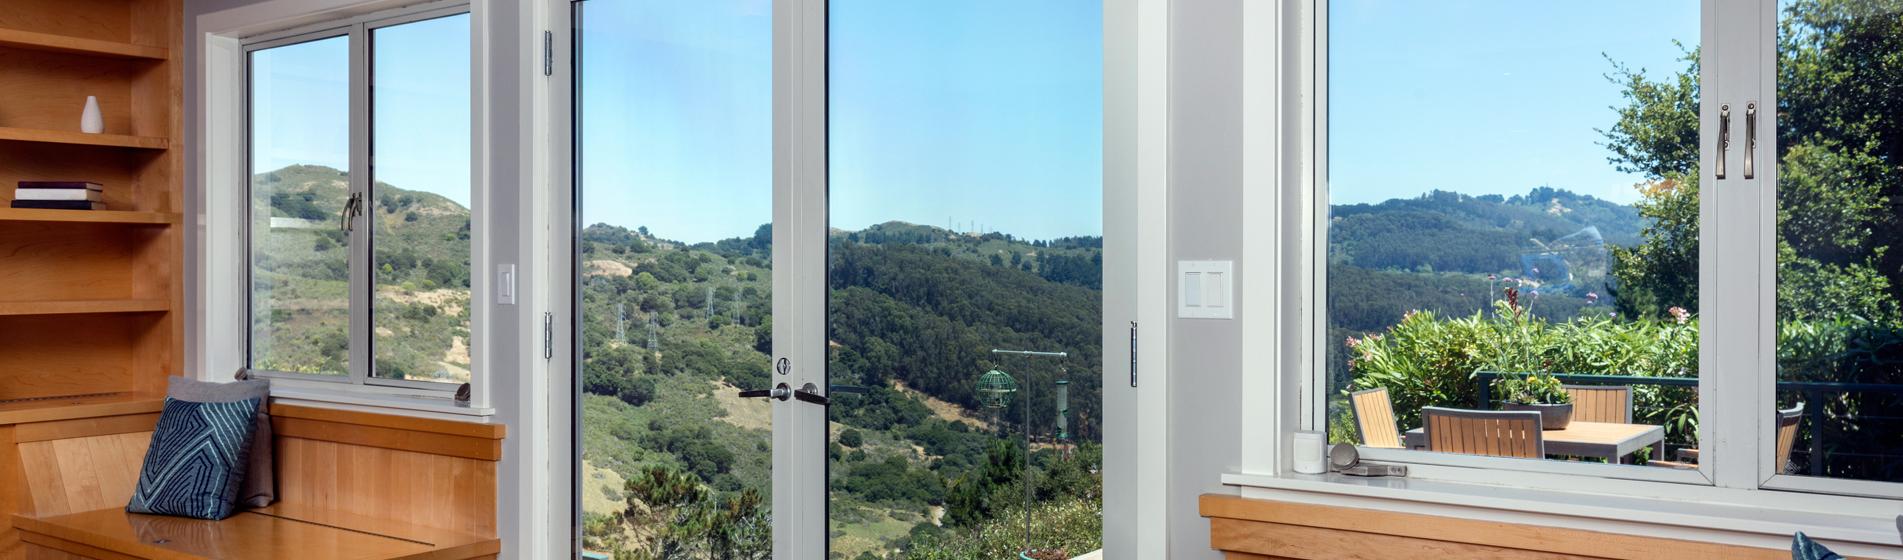 acheter porte fenêtre pvc 84 Vaucluse